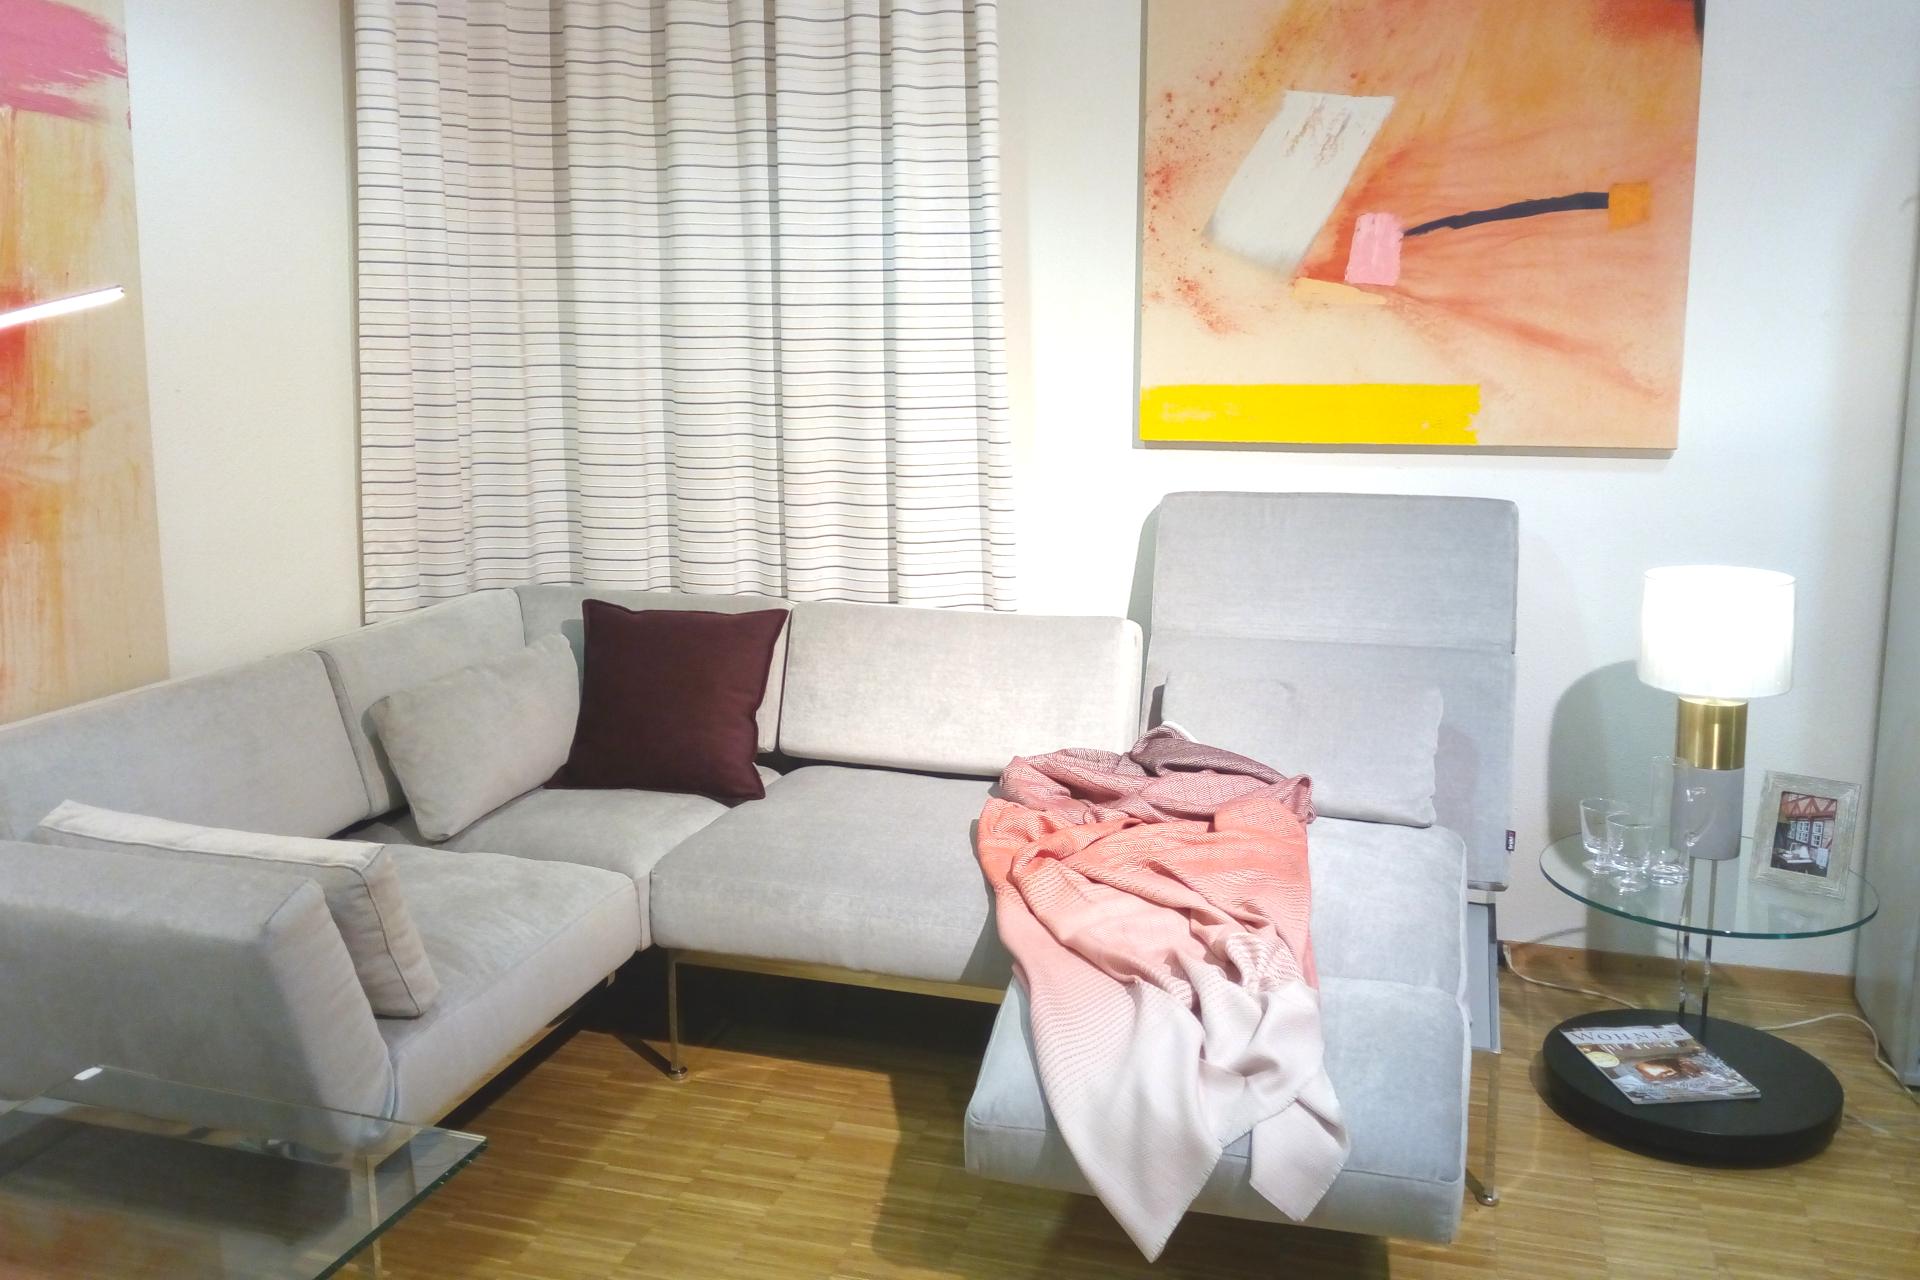 SHAGs Funktionssofas Relax brühl roro soft Decken Kissen Dekoration Wohnzimmer Wohnen